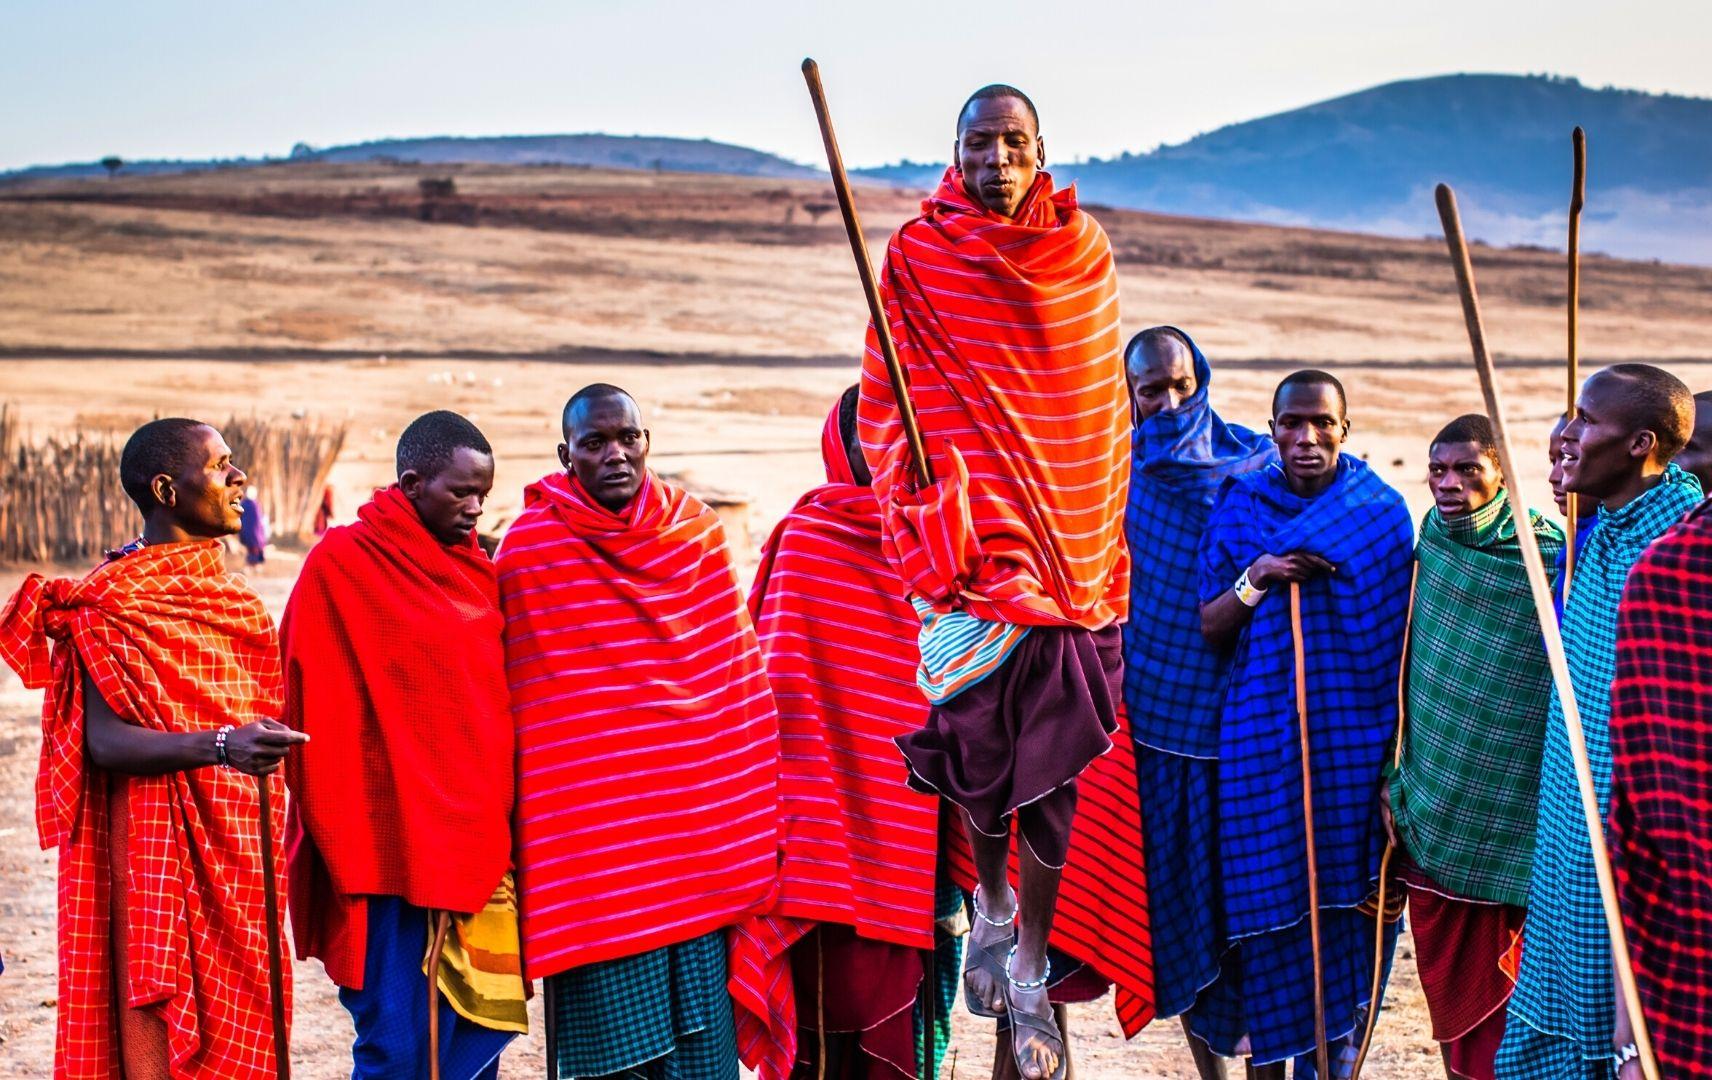 Menschen in Gewändern mit Stock